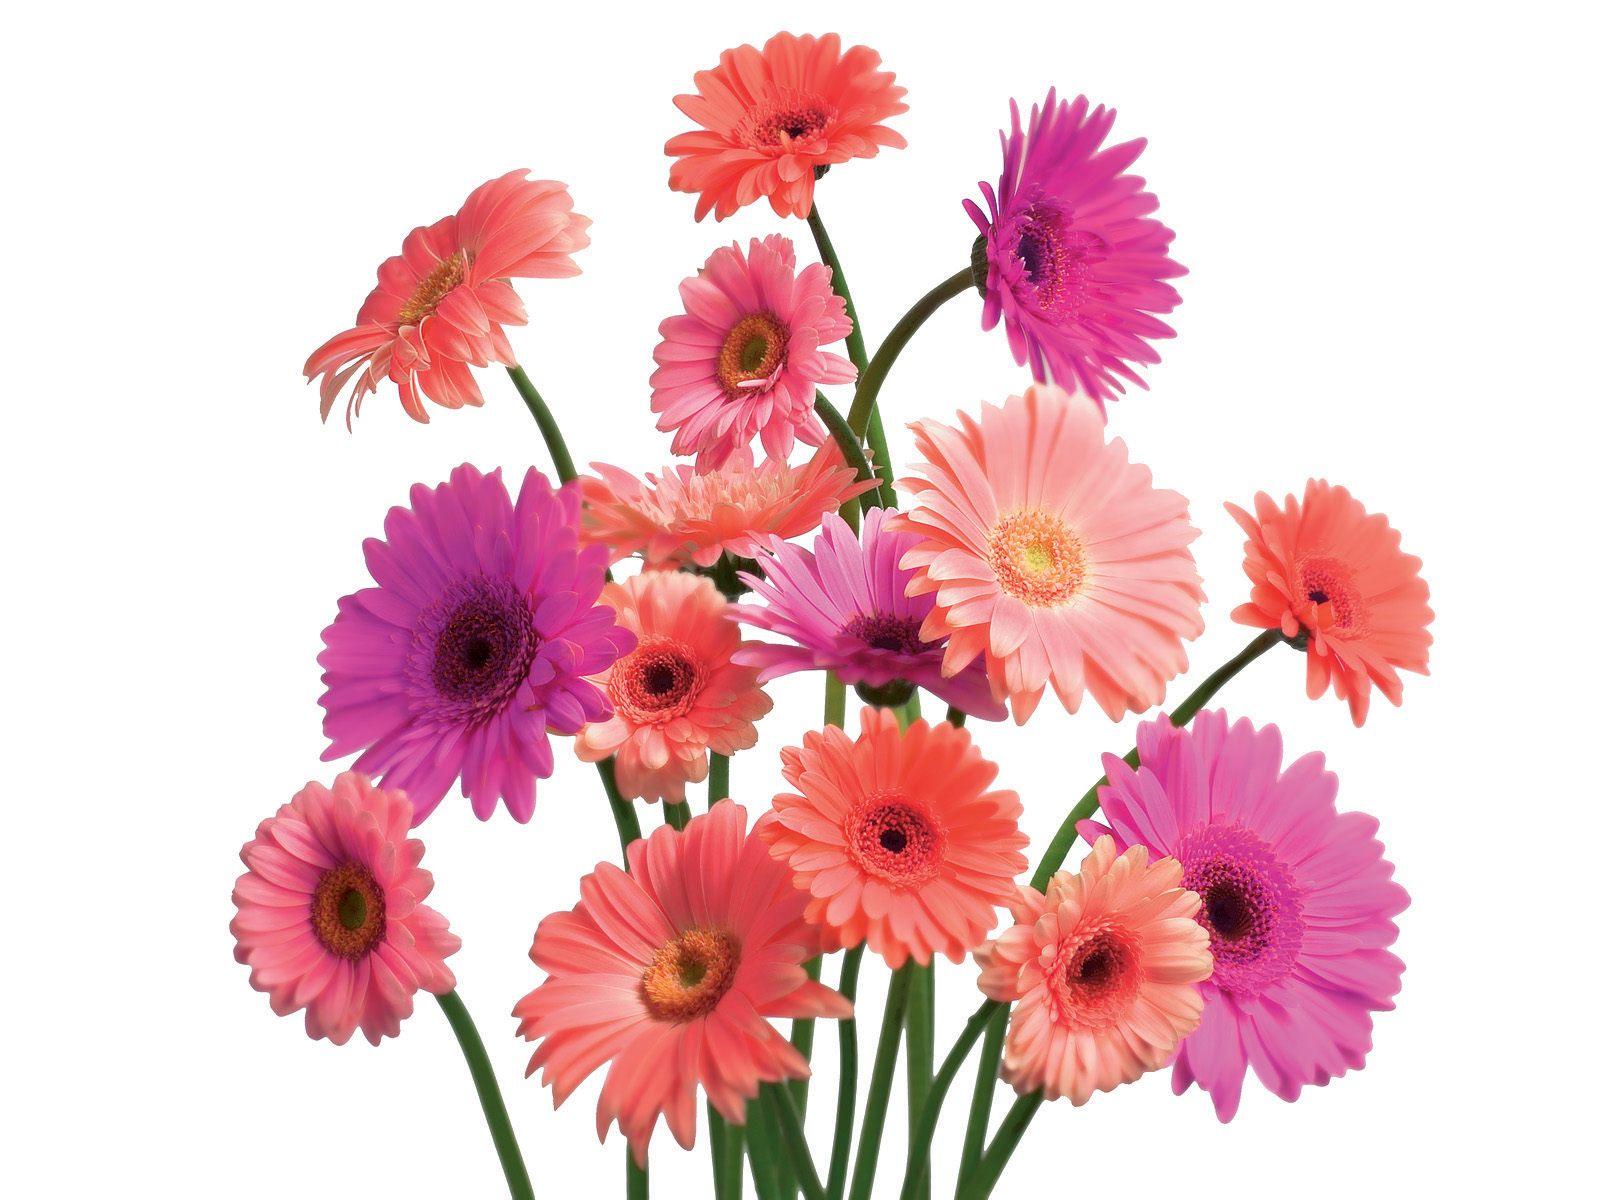 Beauty Flower: Gerbera Daisy Flower